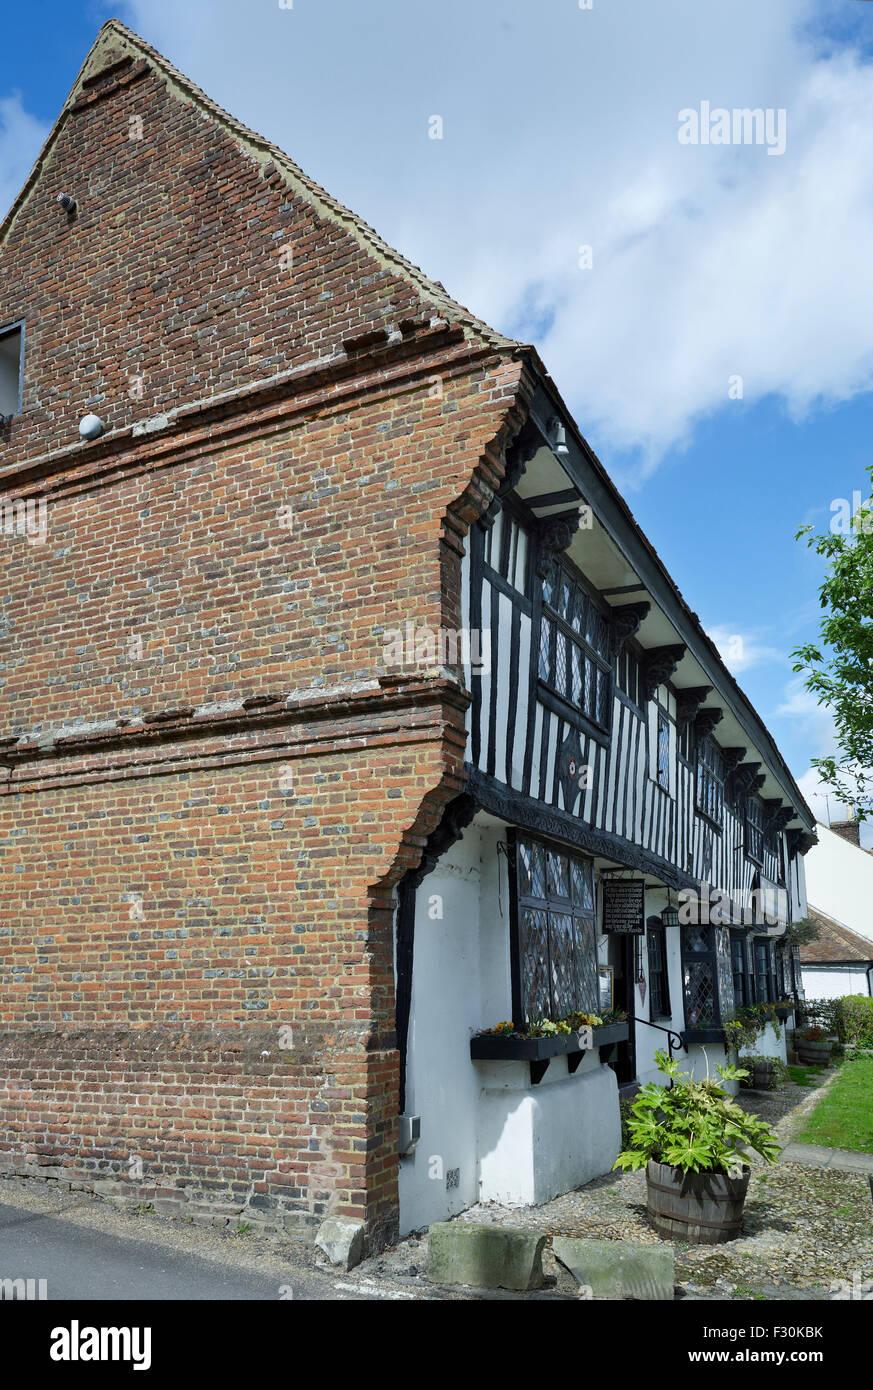 Elham, Kent. The Abbot's Fireside - Stock Image